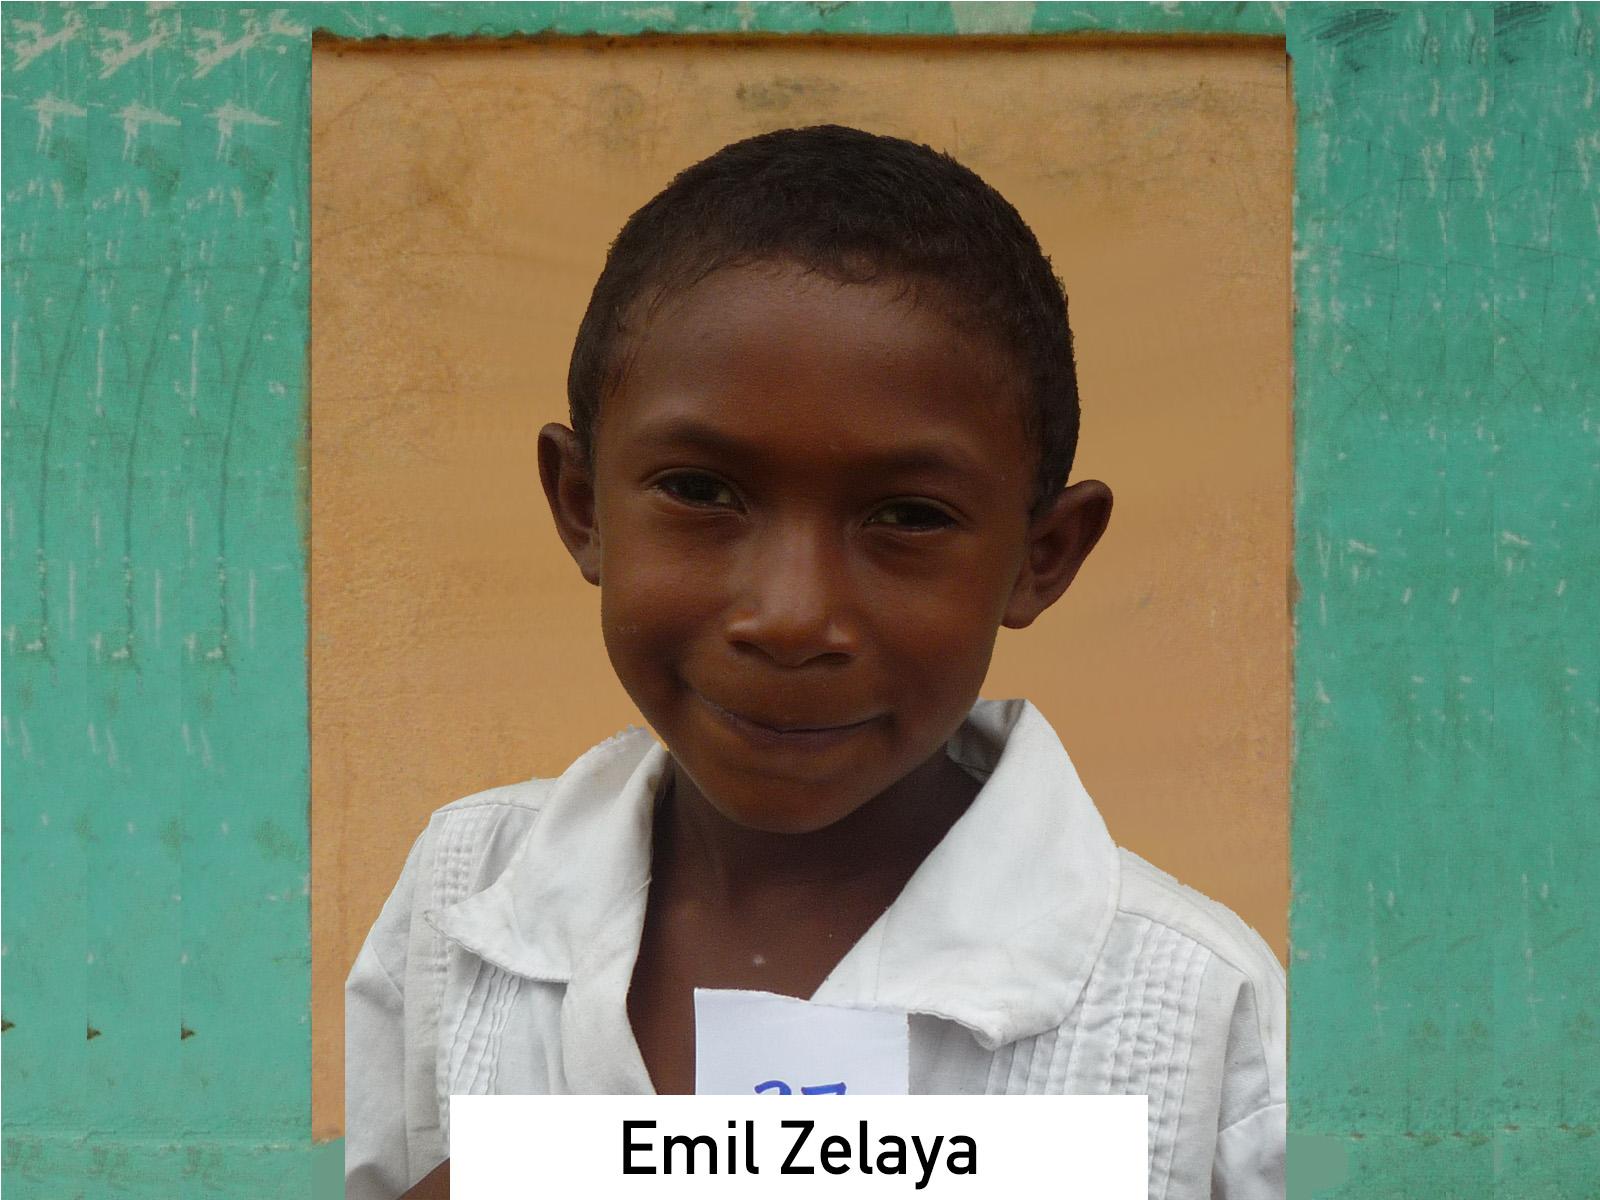 037 - Emil Zelaya.jpg